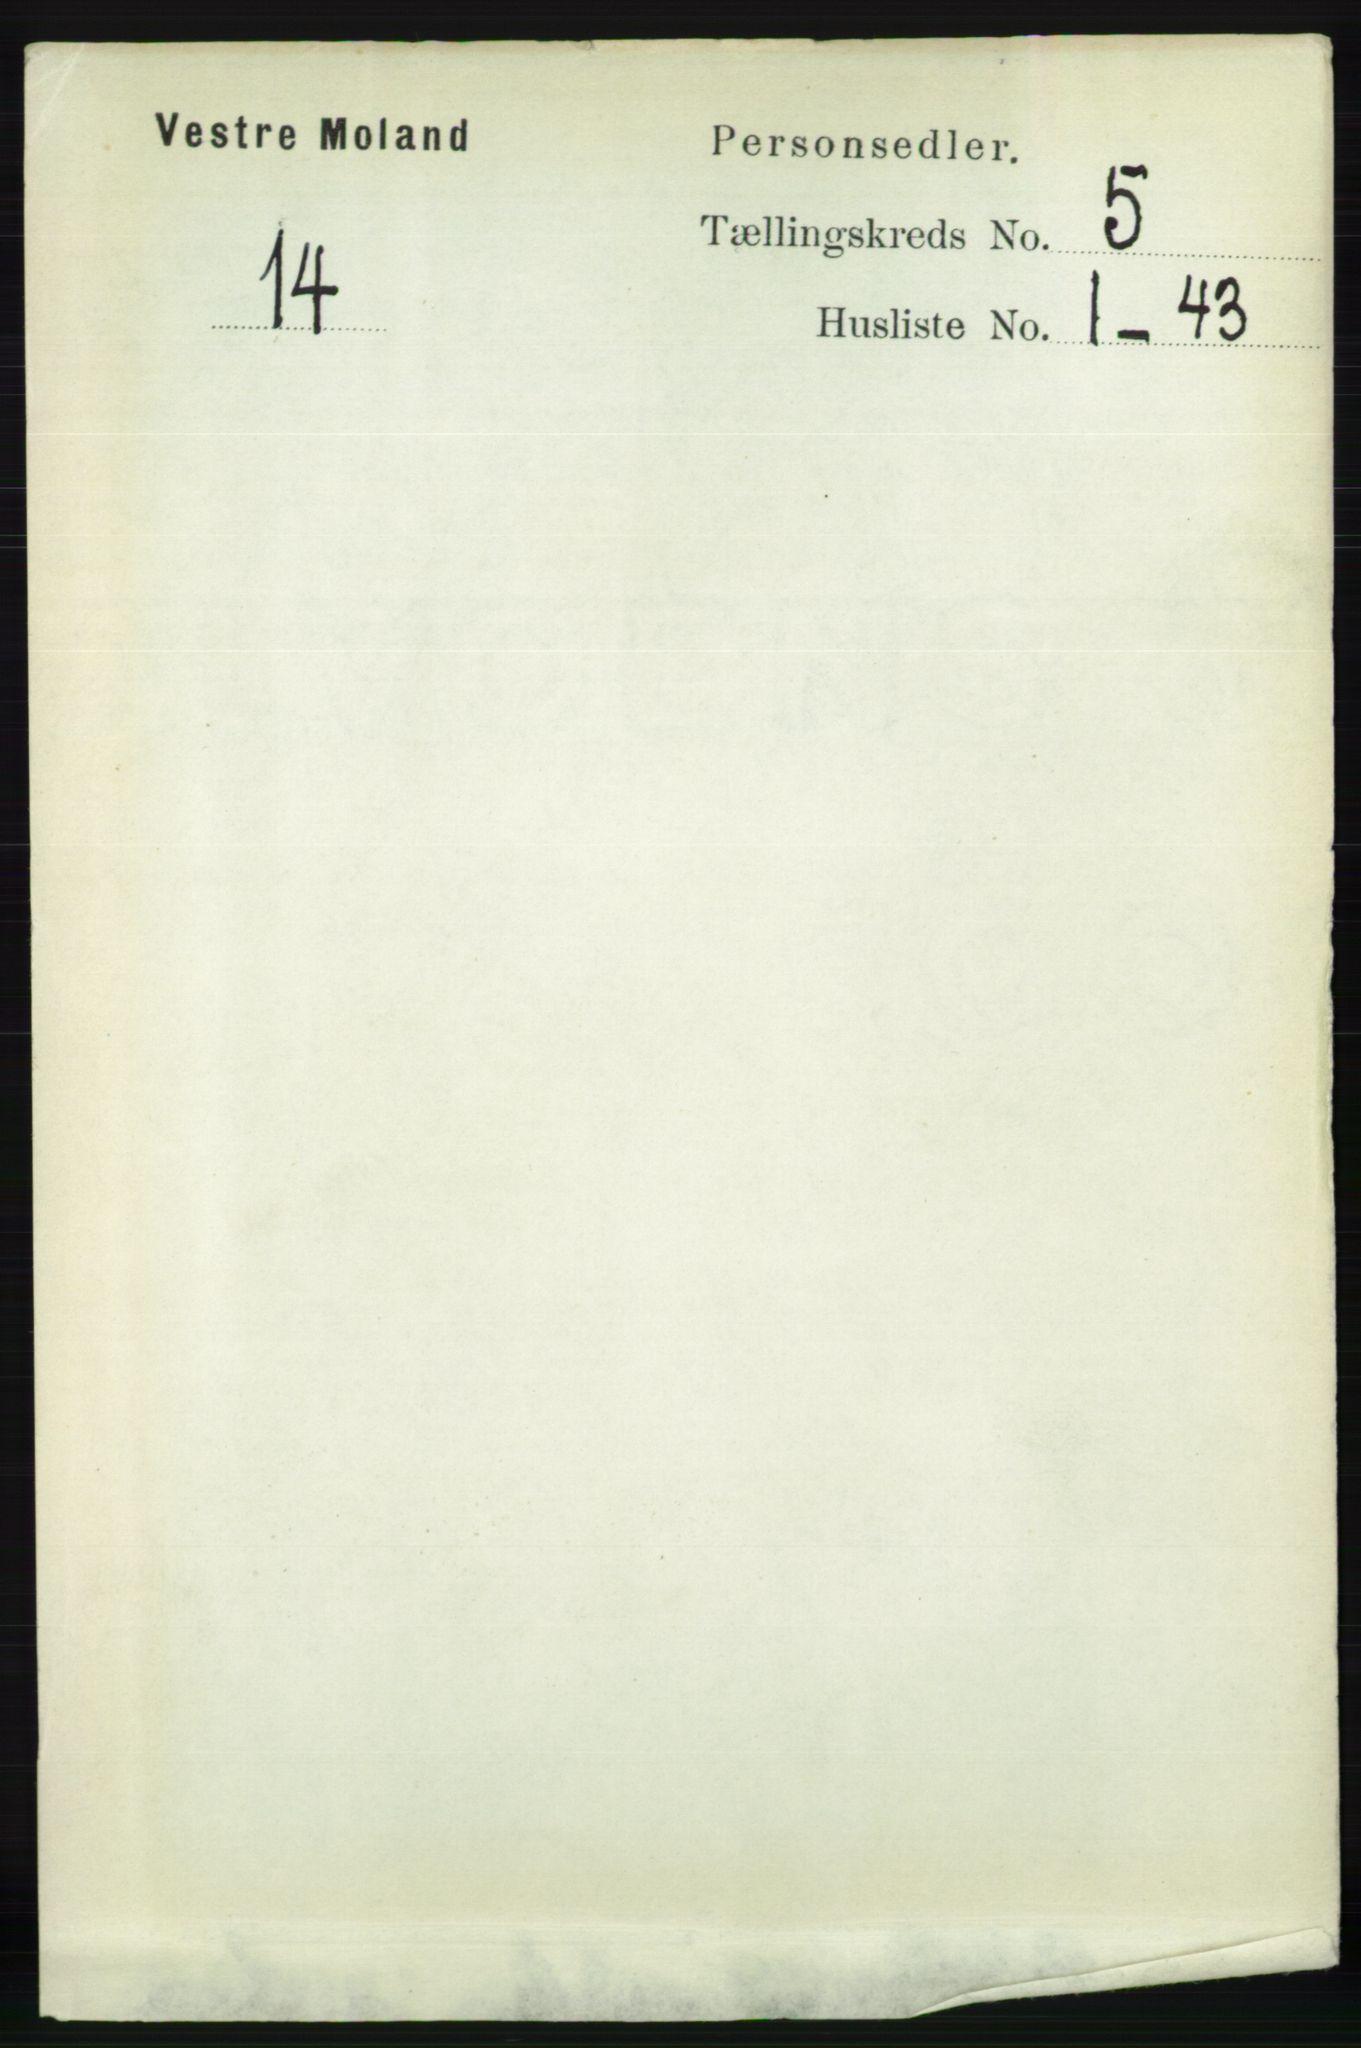 RA, Folketelling 1891 for 0926 Vestre Moland herred, 1891, s. 1842